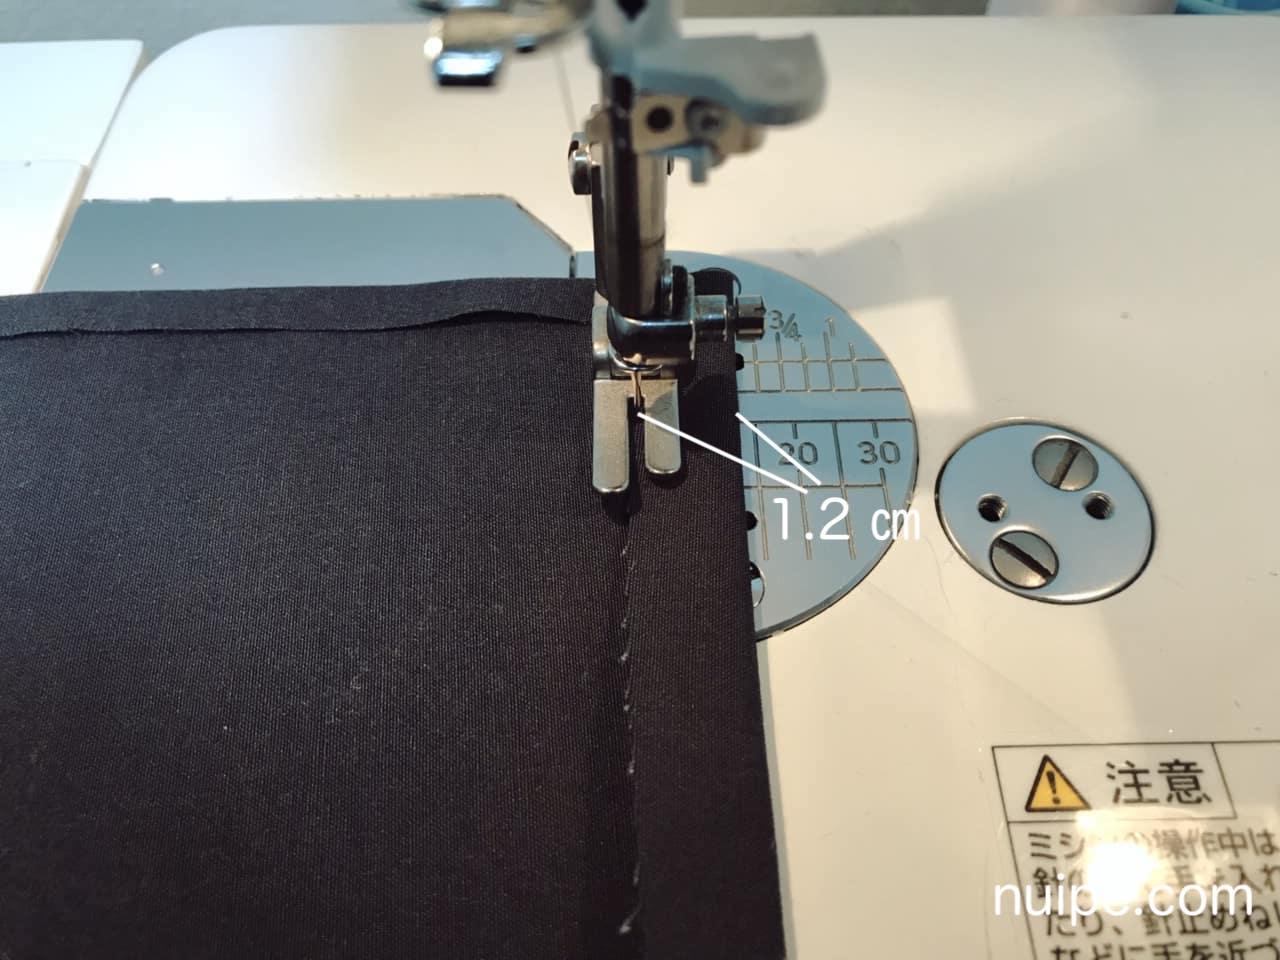 ウエスト縫い